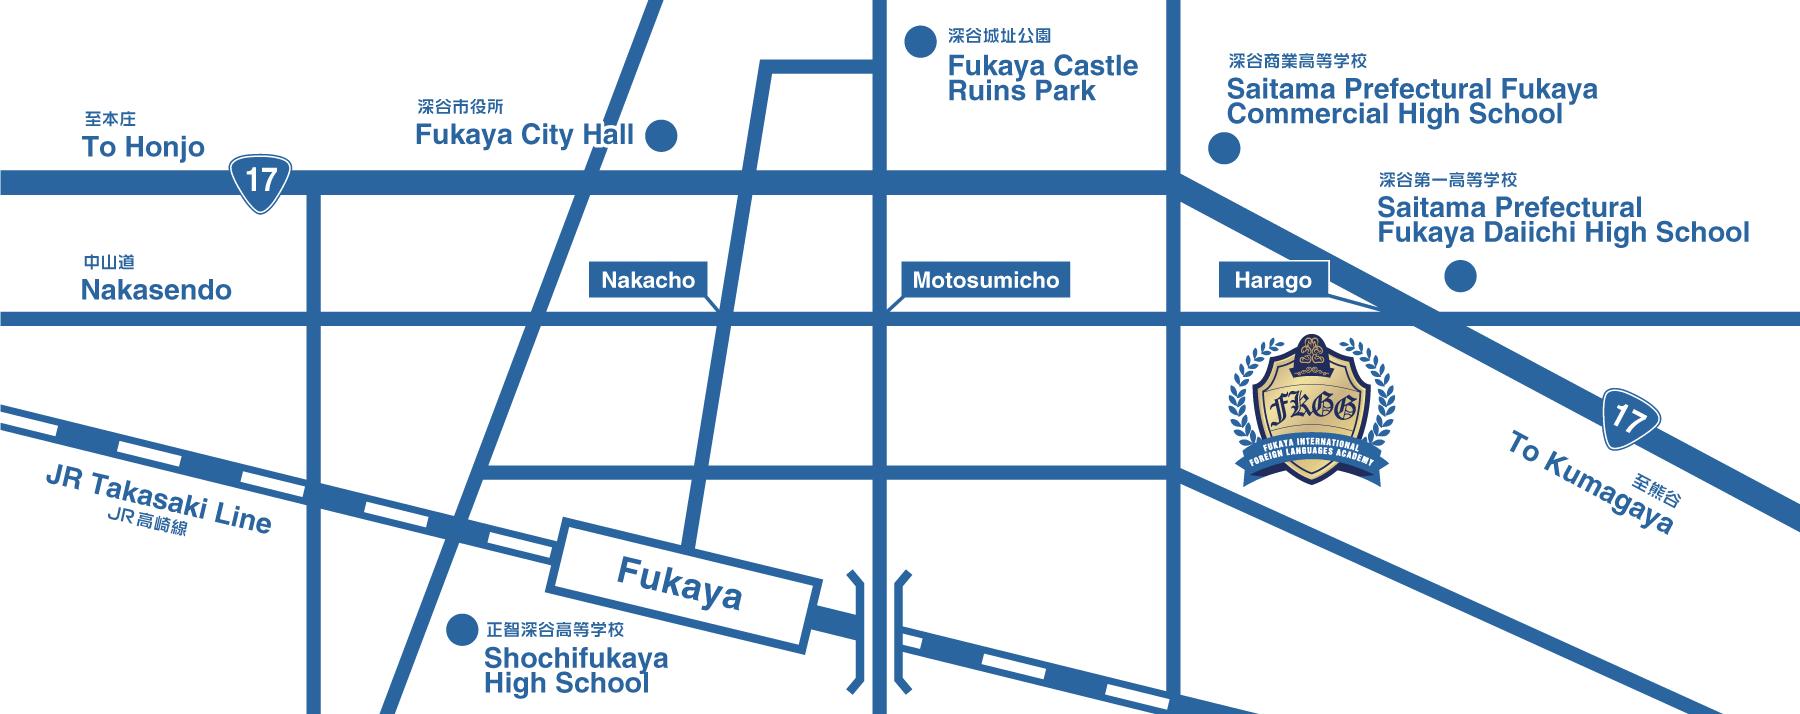 深谷国際外語学院 周辺地図